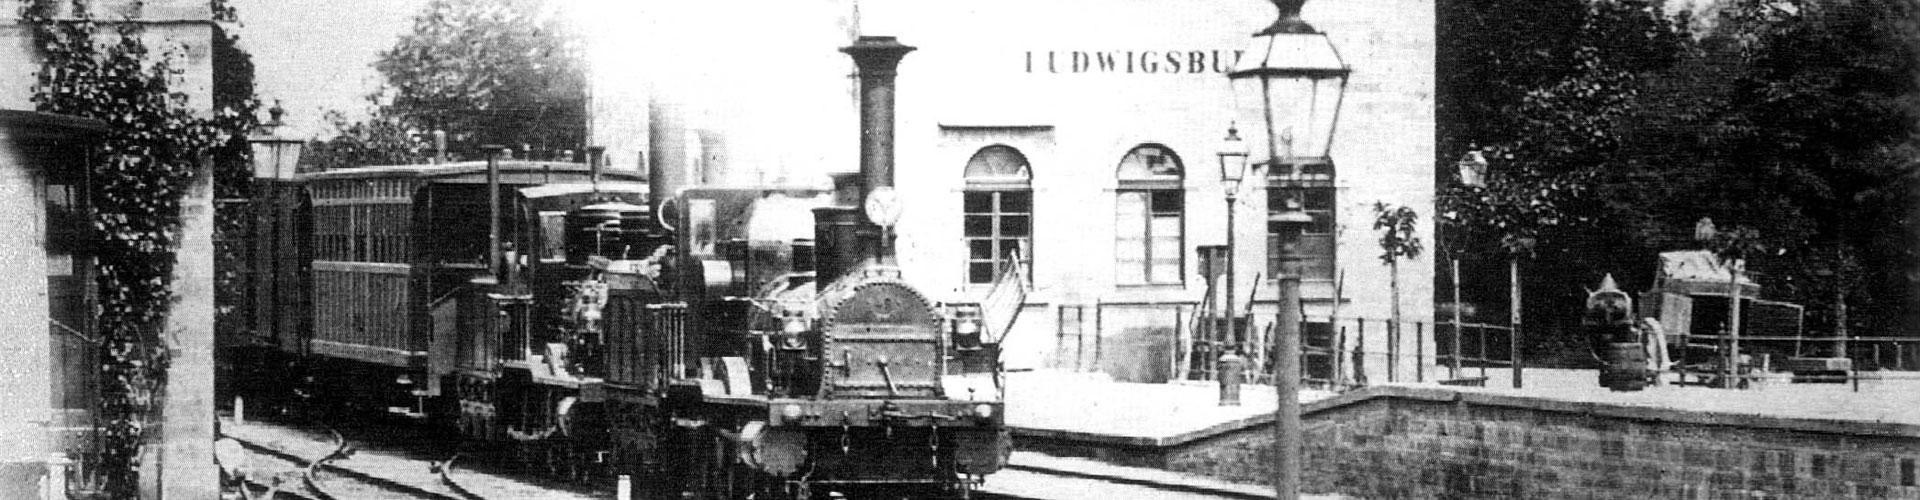 Zug im Bahnhof Ludwigsburg, zwischen 1860 und 1870 (Bild: Sammlung Scharf, gemeinfrei, via Wikimedia Commons).